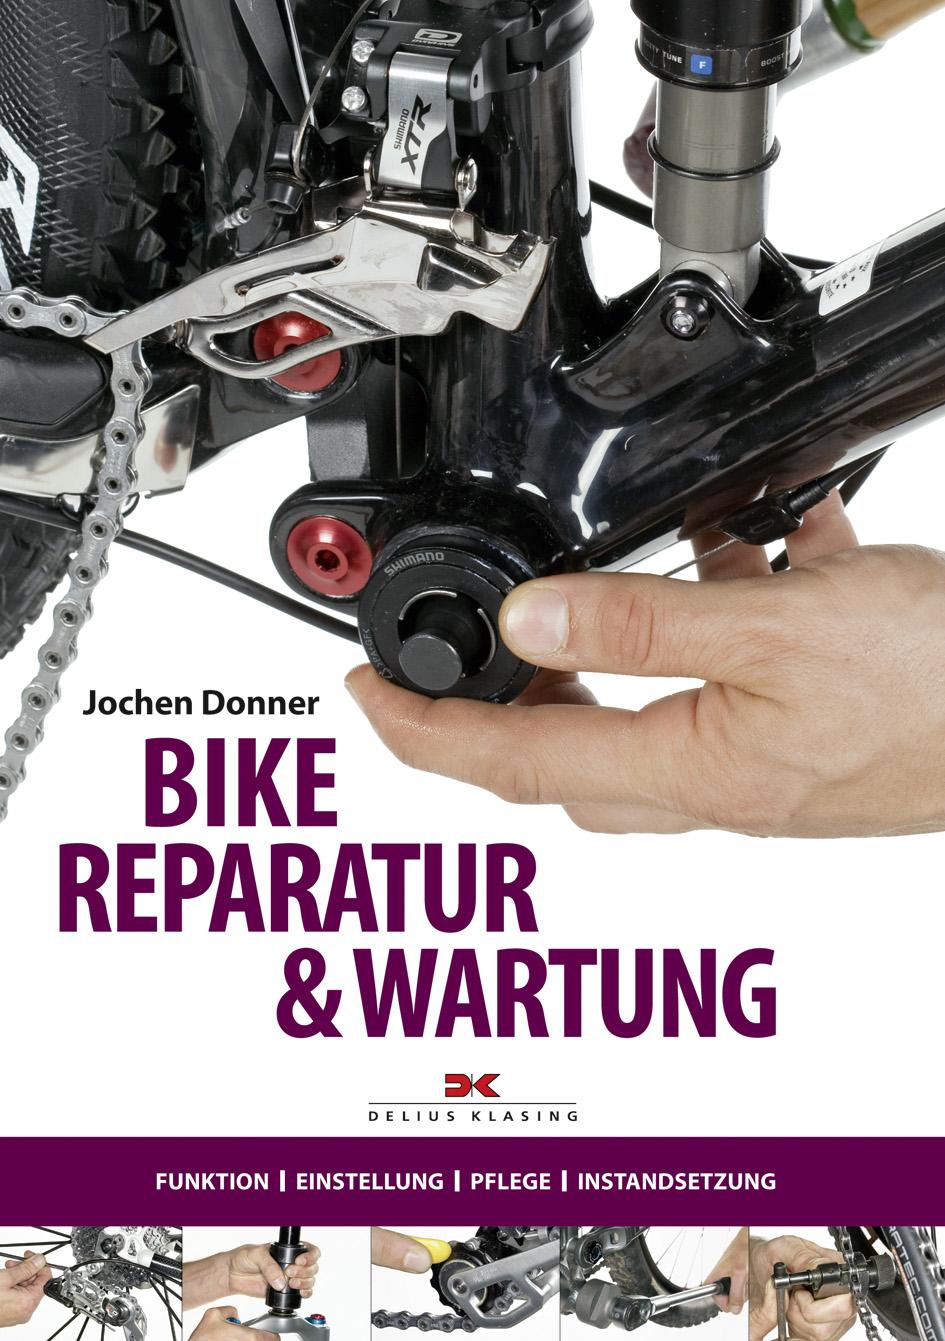 Bike-Reparatur und Wartung - Jochen Donner